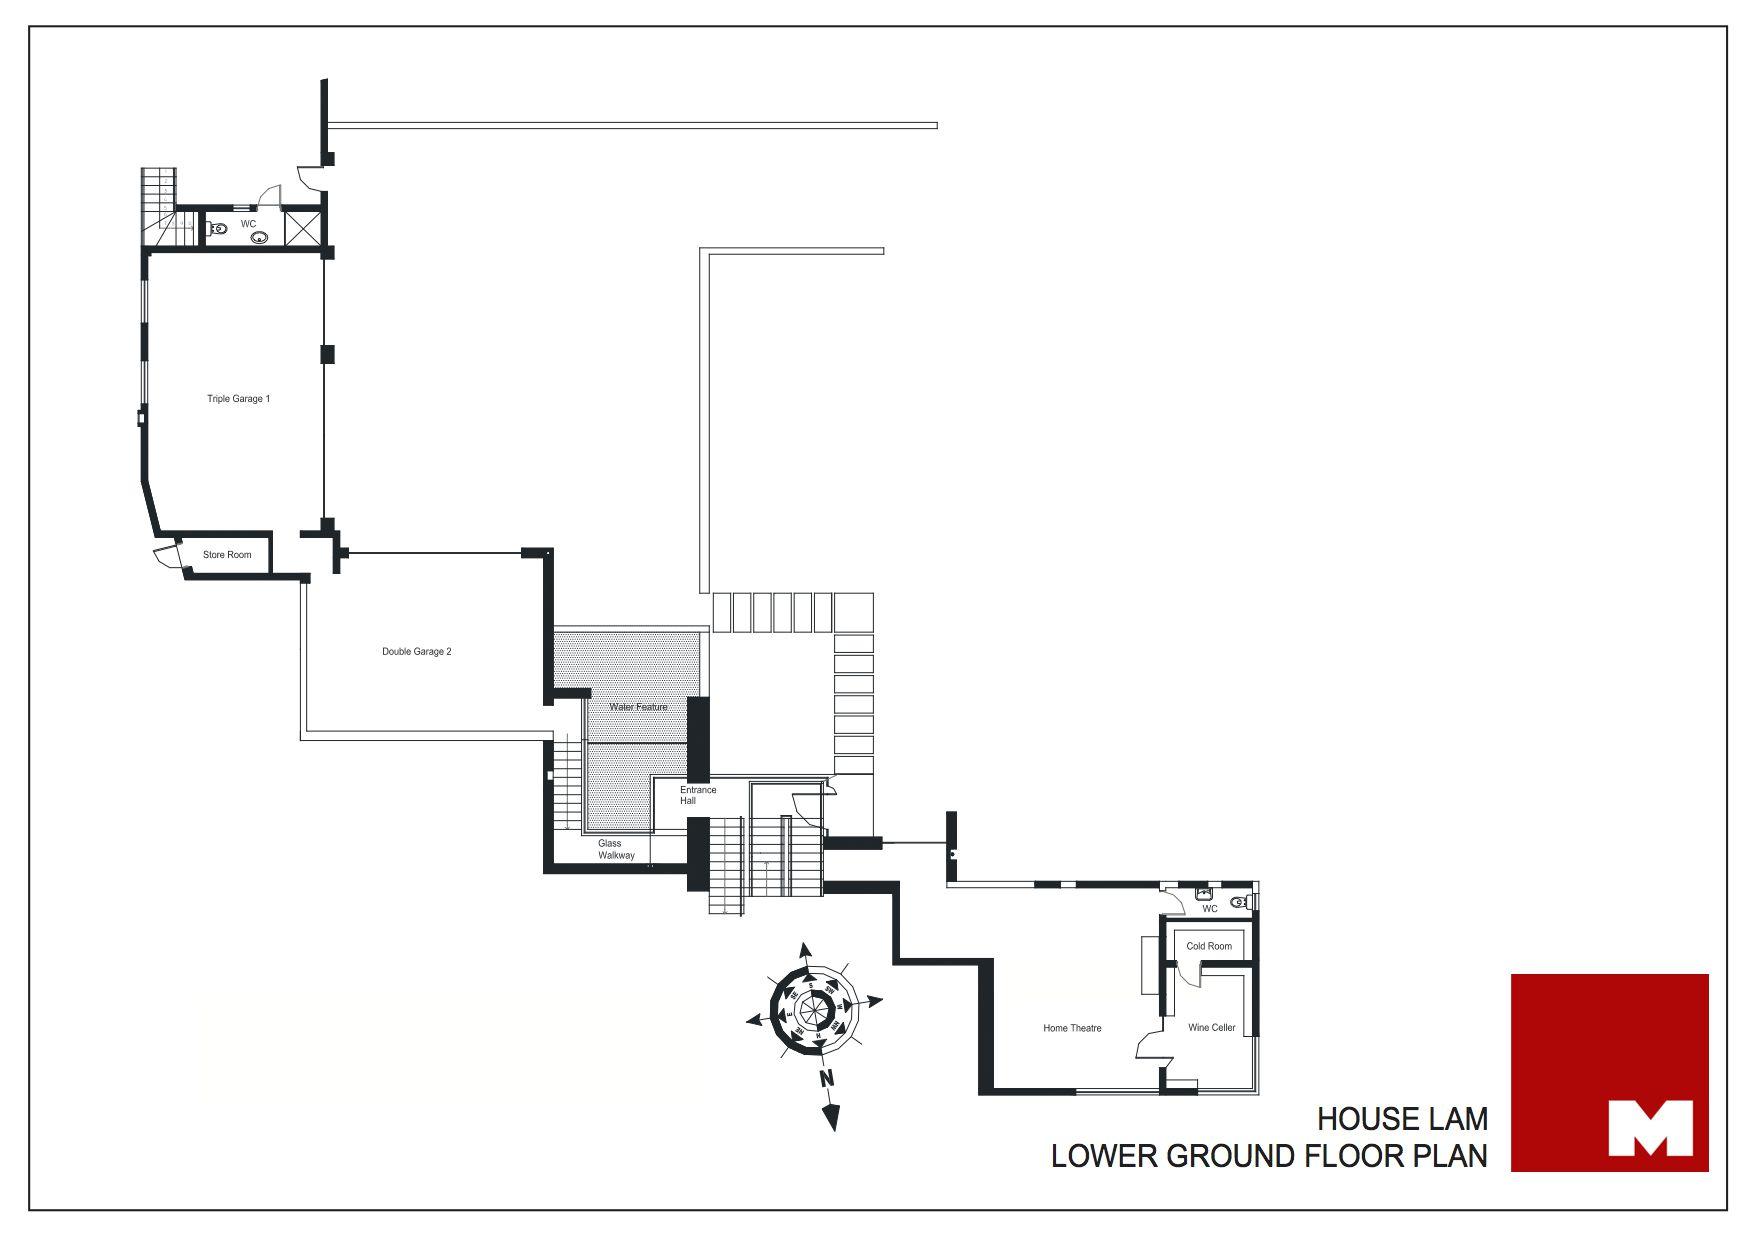 Plan - Lower Ground Floor